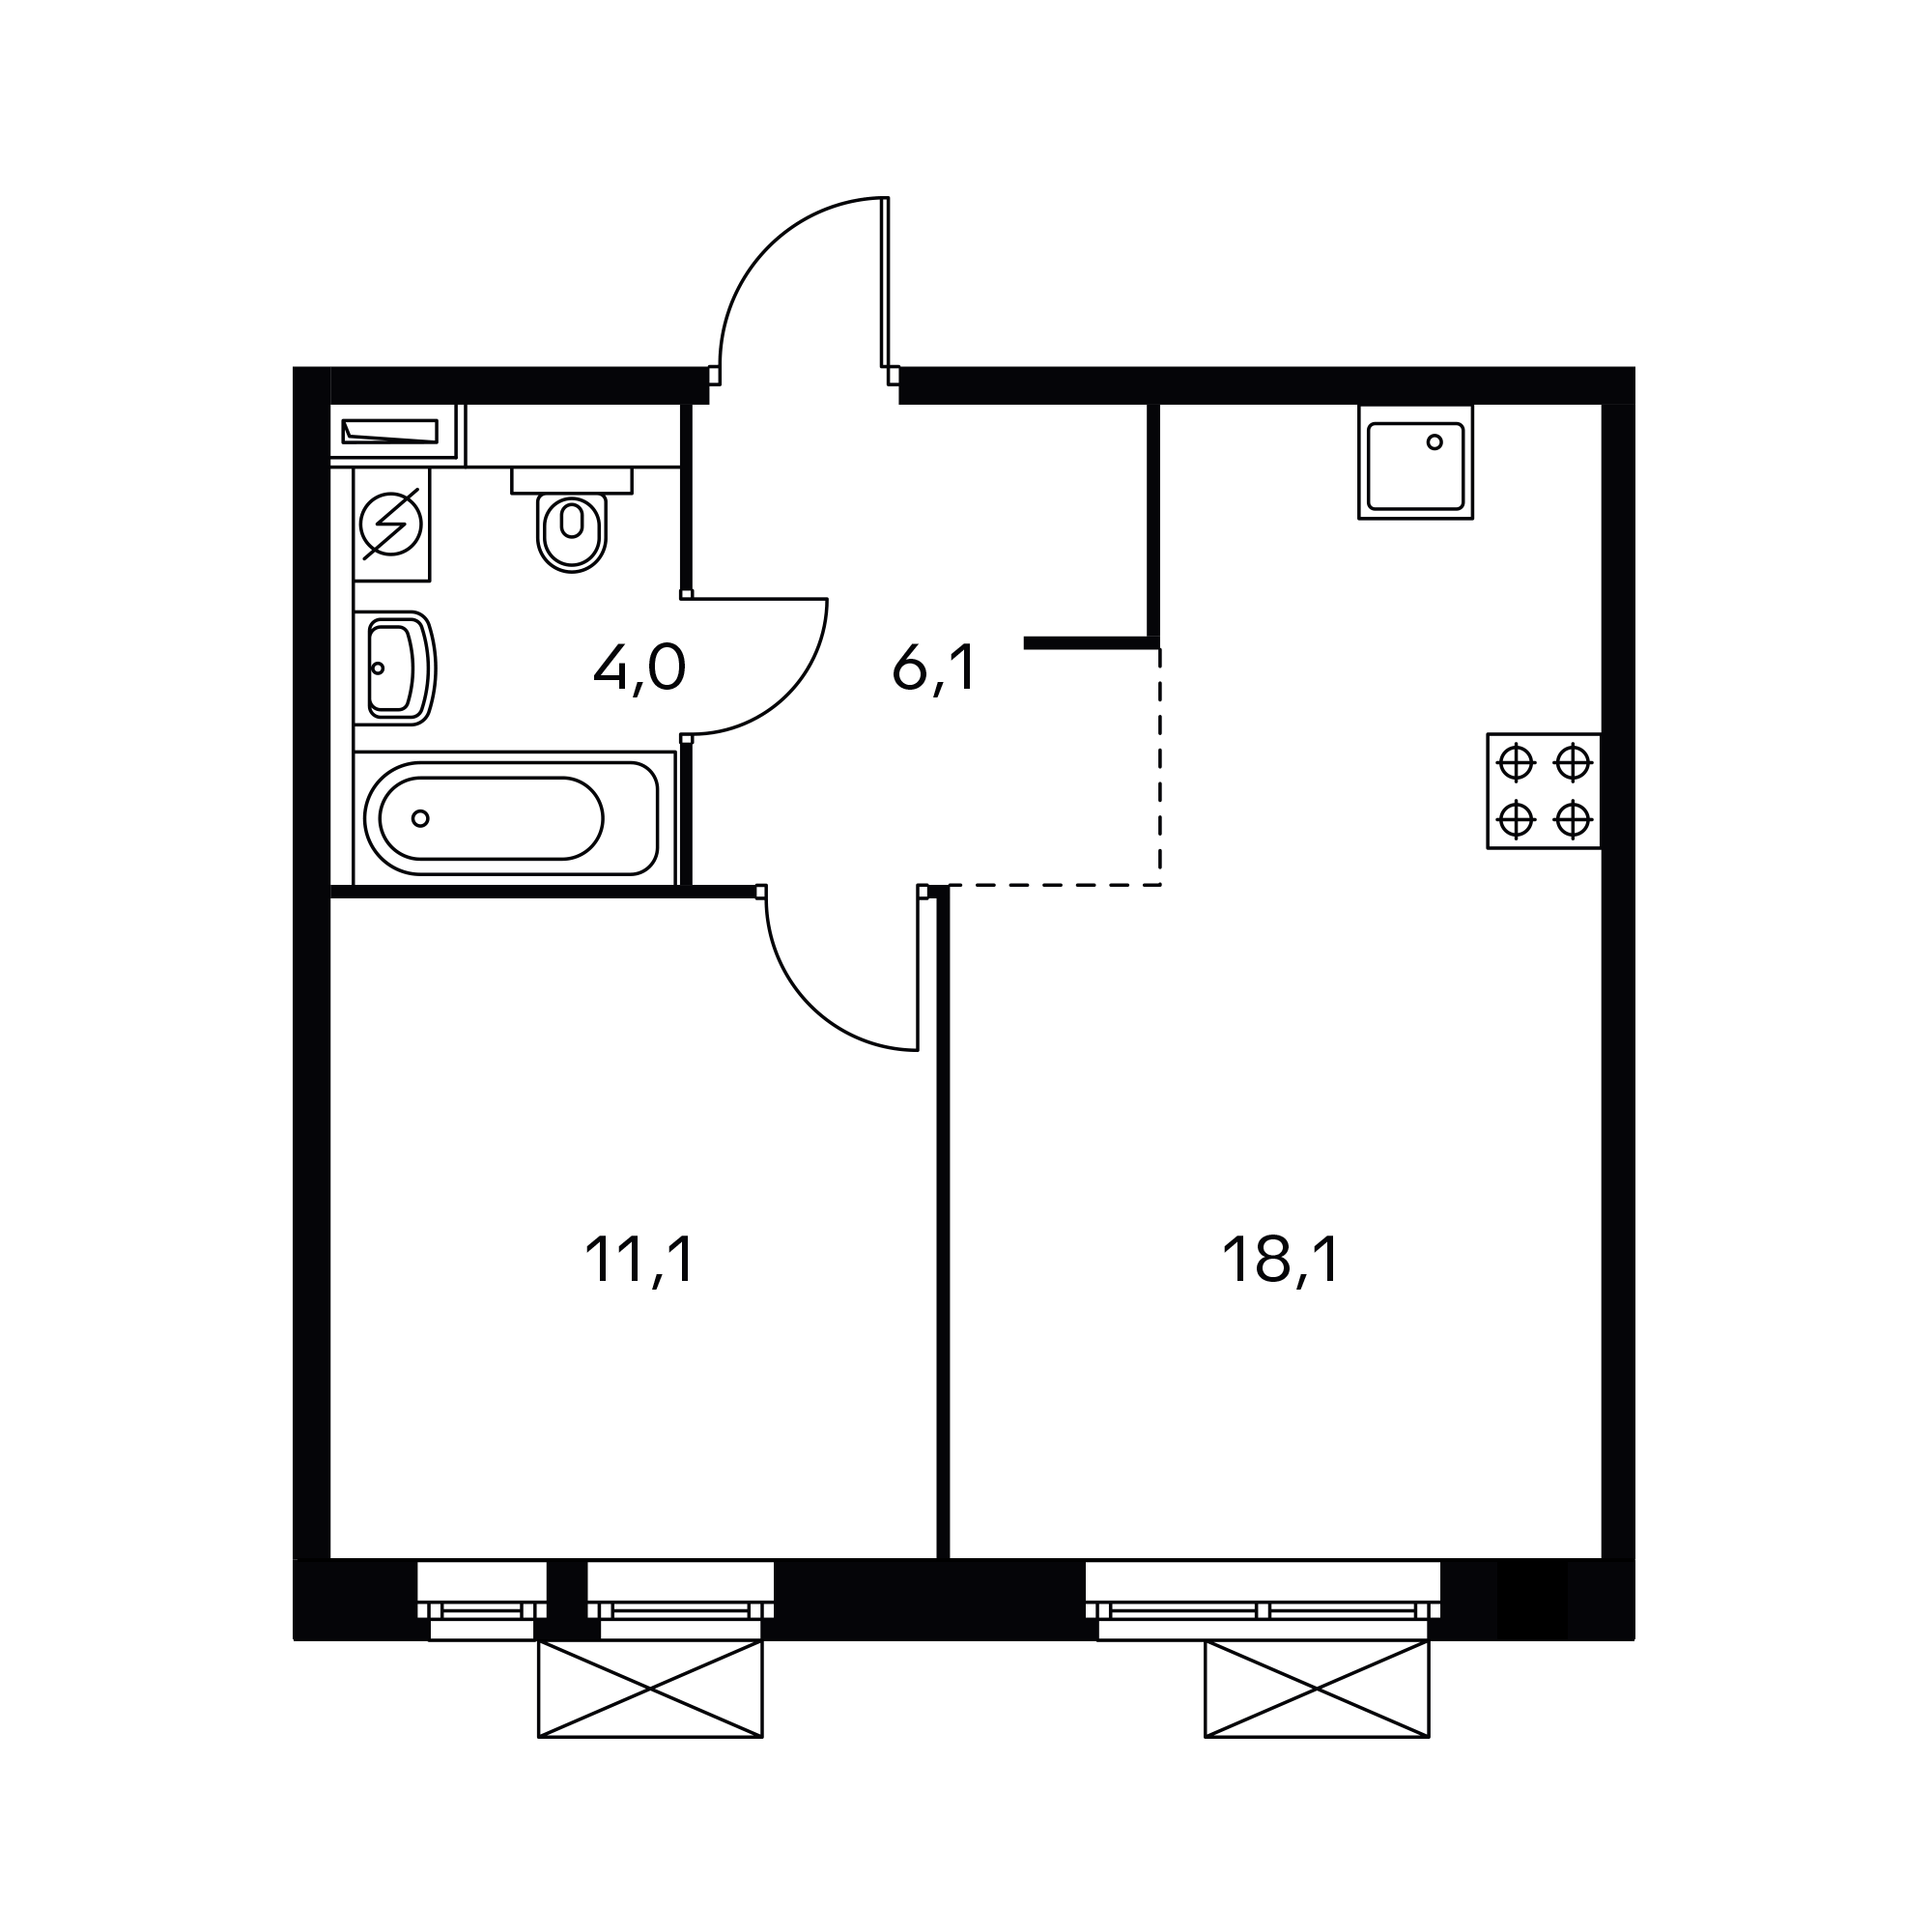 1EM3_6.9-1_S_A